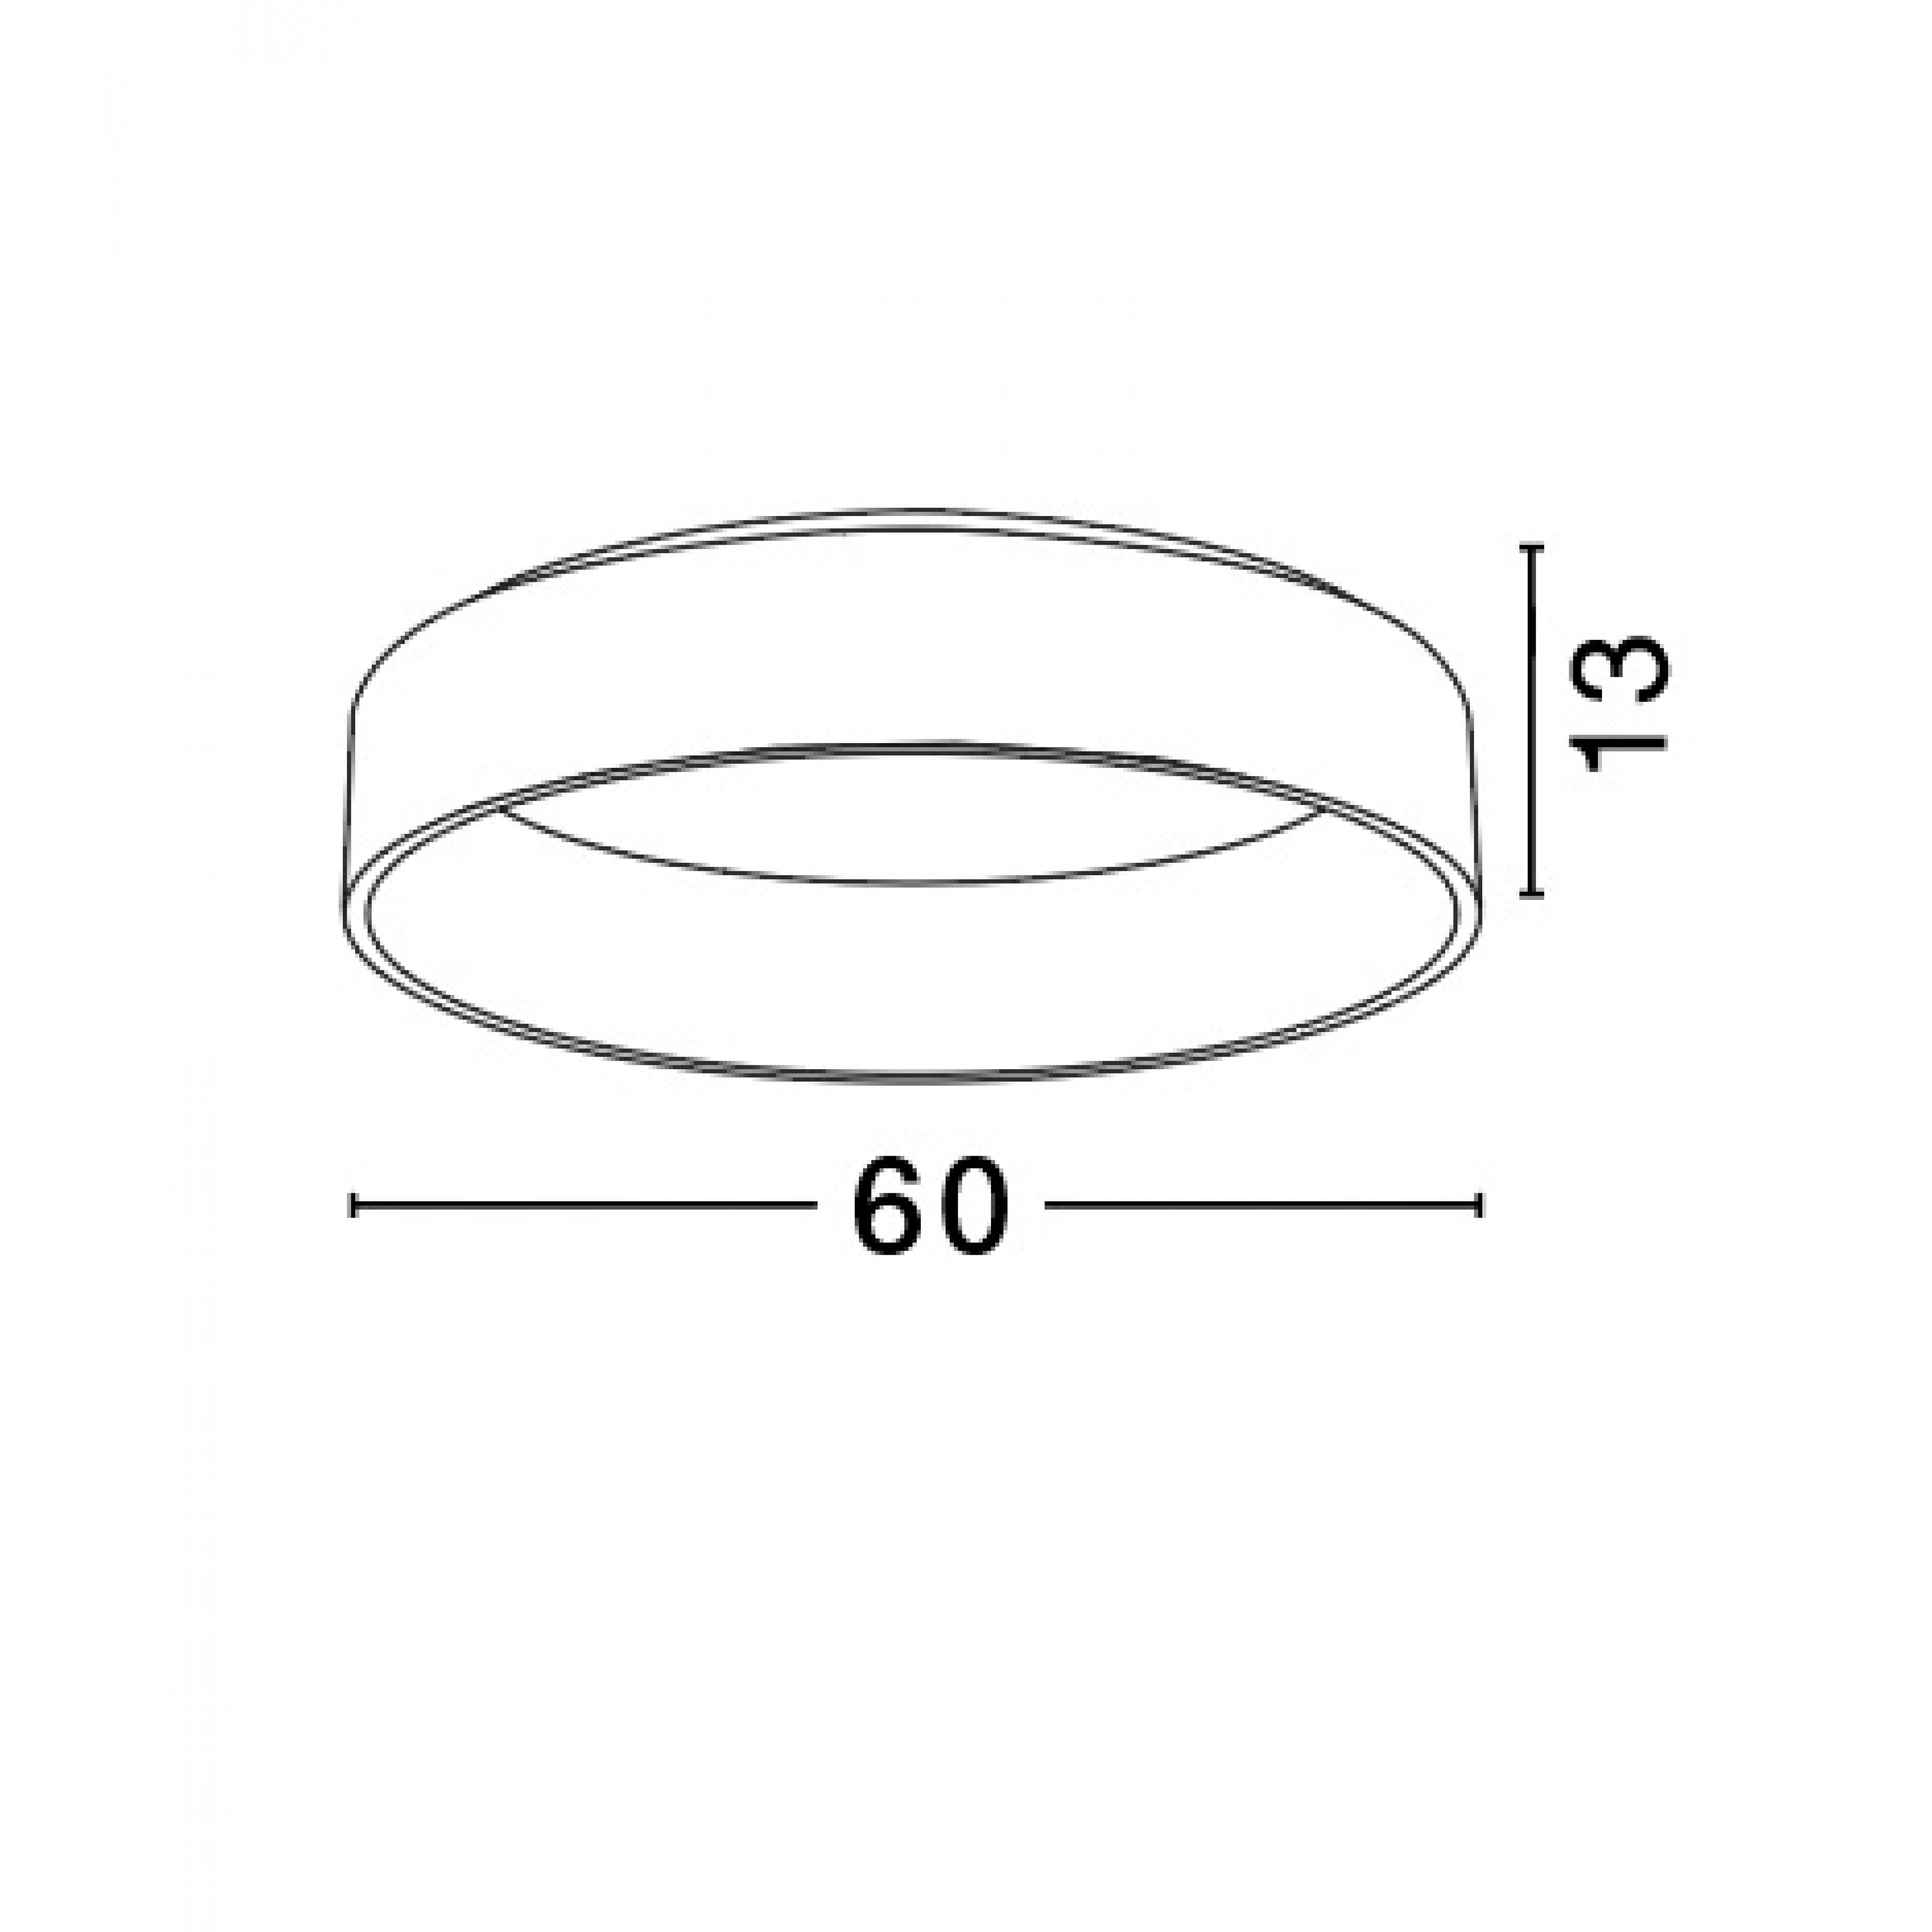 Pendelleuchte Rando T 60 cm H 13 cm   Schwarz